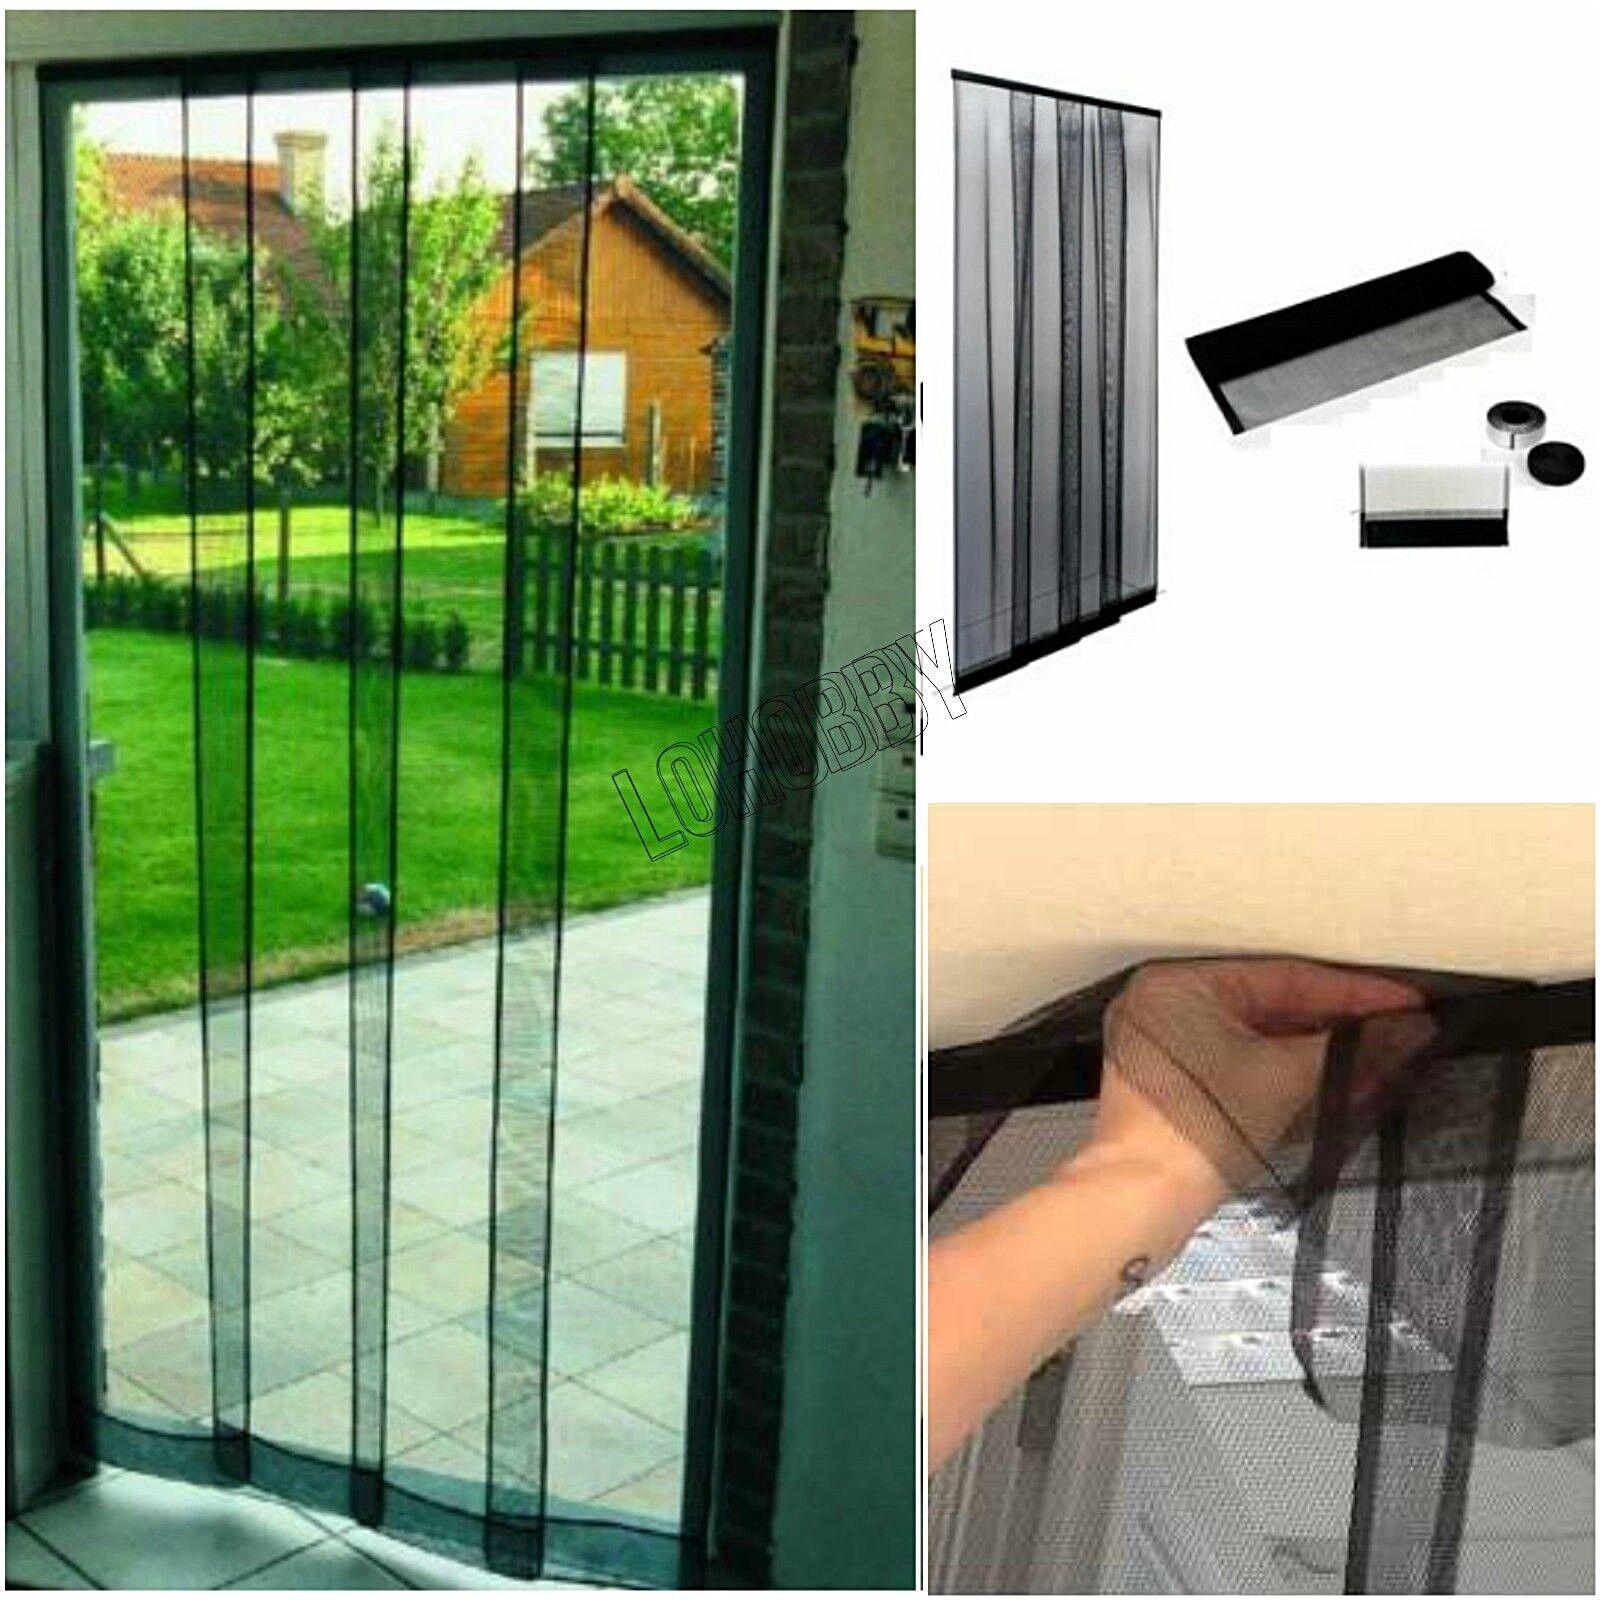 Rivista Porte E Finestre dettagli su tenda zanzariera a pannelli strisce 140x250 porta finestra  tende porte finestre